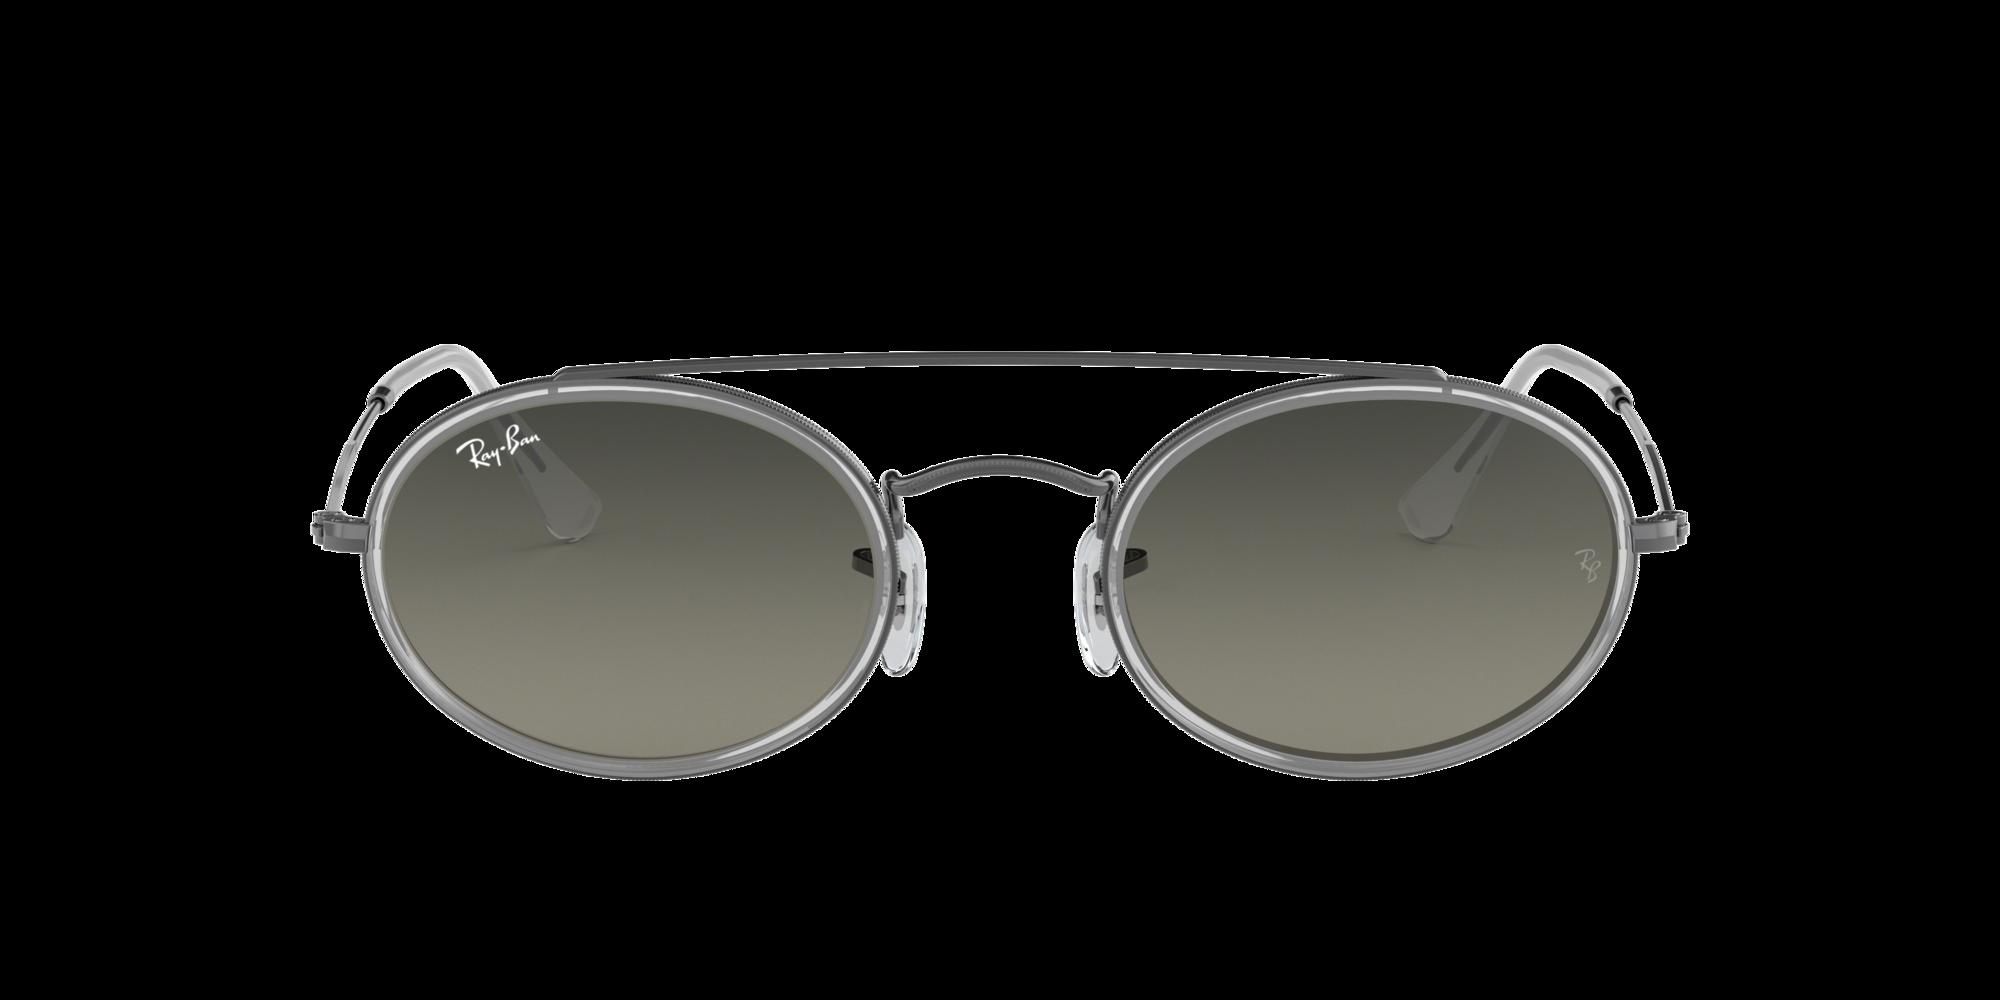 Imagen para RB3847N 52 de LensCrafters |  Espejuelos, espejuelos graduados en línea, gafas